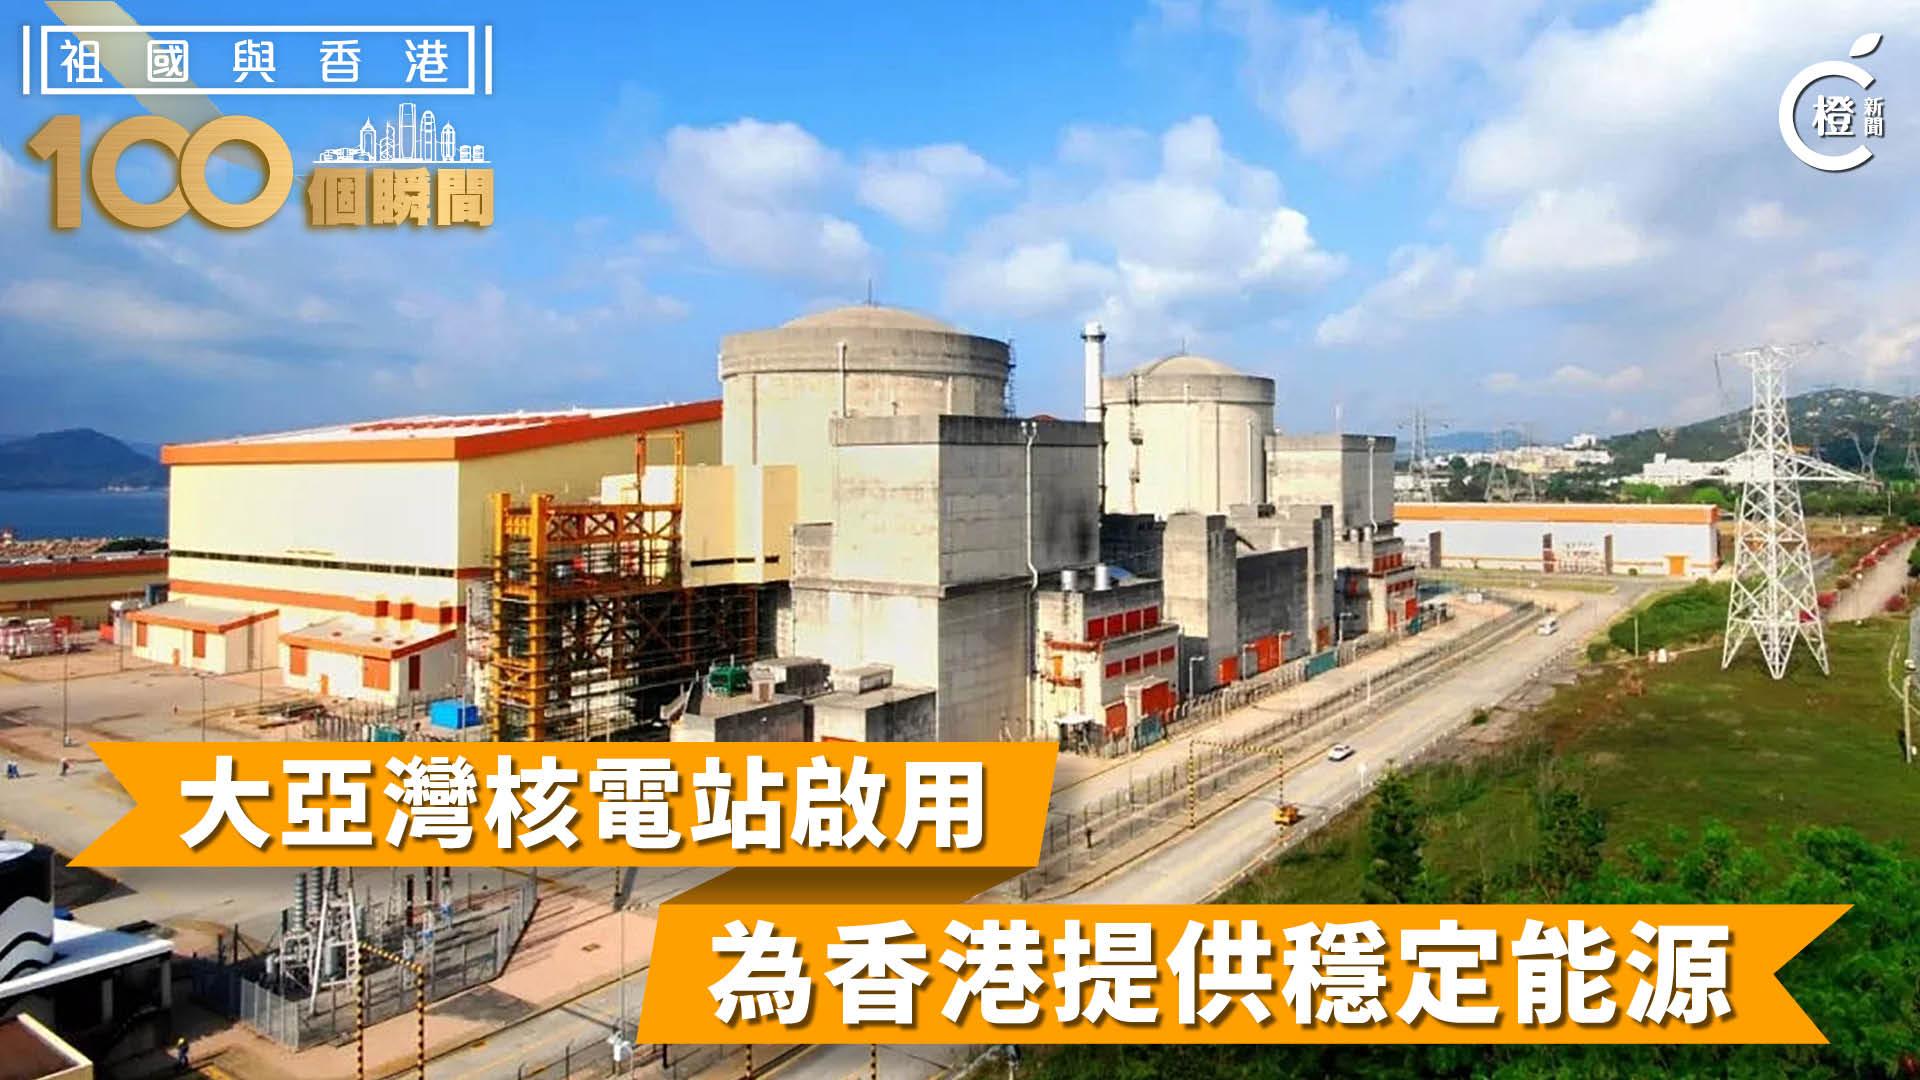 【祖國與香港100個瞬間】大亞灣核電站啟用 為香港提供穩定能源